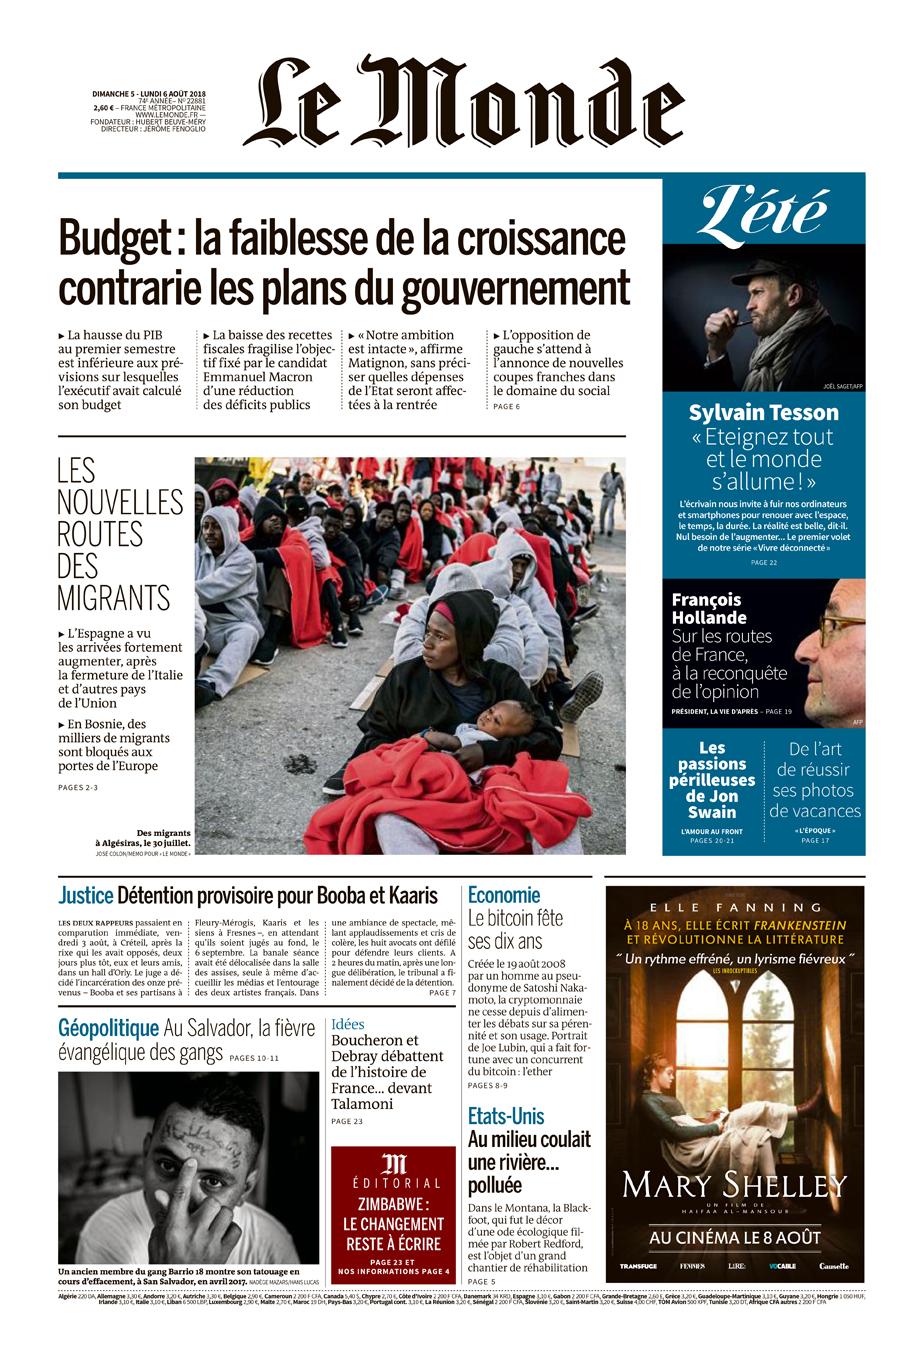 El_Salvador_Ex-maras_Le_Monde2.jpg